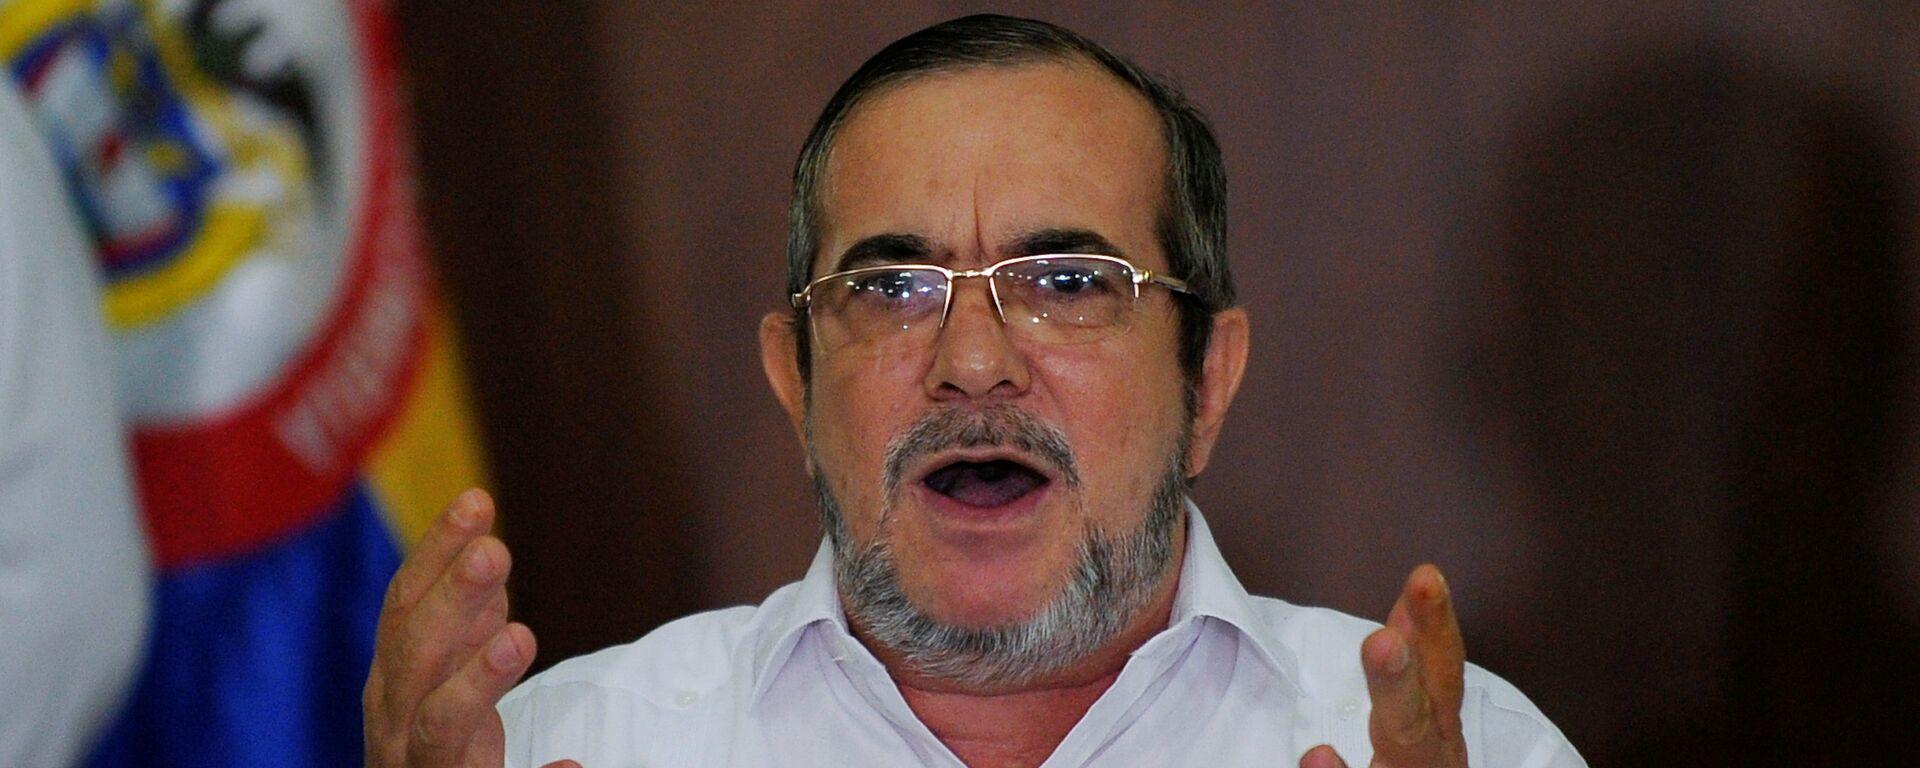 Rodrigo Londoño, alias 'Timochenko', el líder del partido colombiano FARC  - Sputnik Mundo, 1920, 27.03.2021